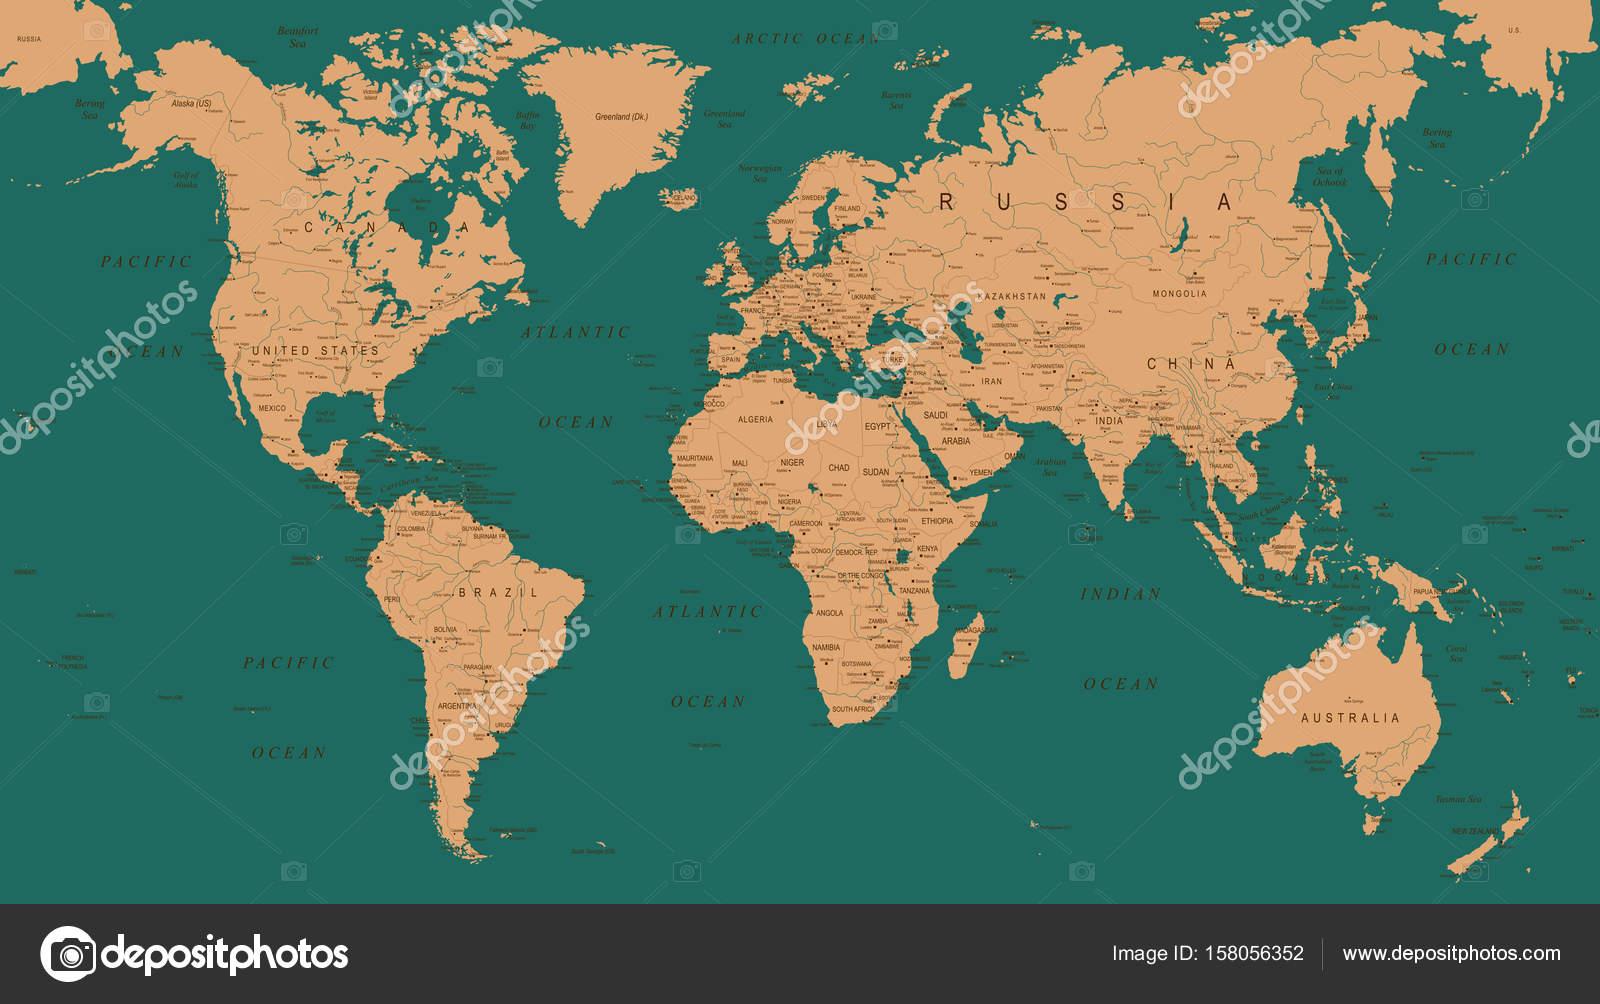 Mapa del mundo vintage ilustracin vectorial archivo imgenes mapa del mundo vintage ilustracin vectorial detallado vector de dikobrazik gumiabroncs Image collections